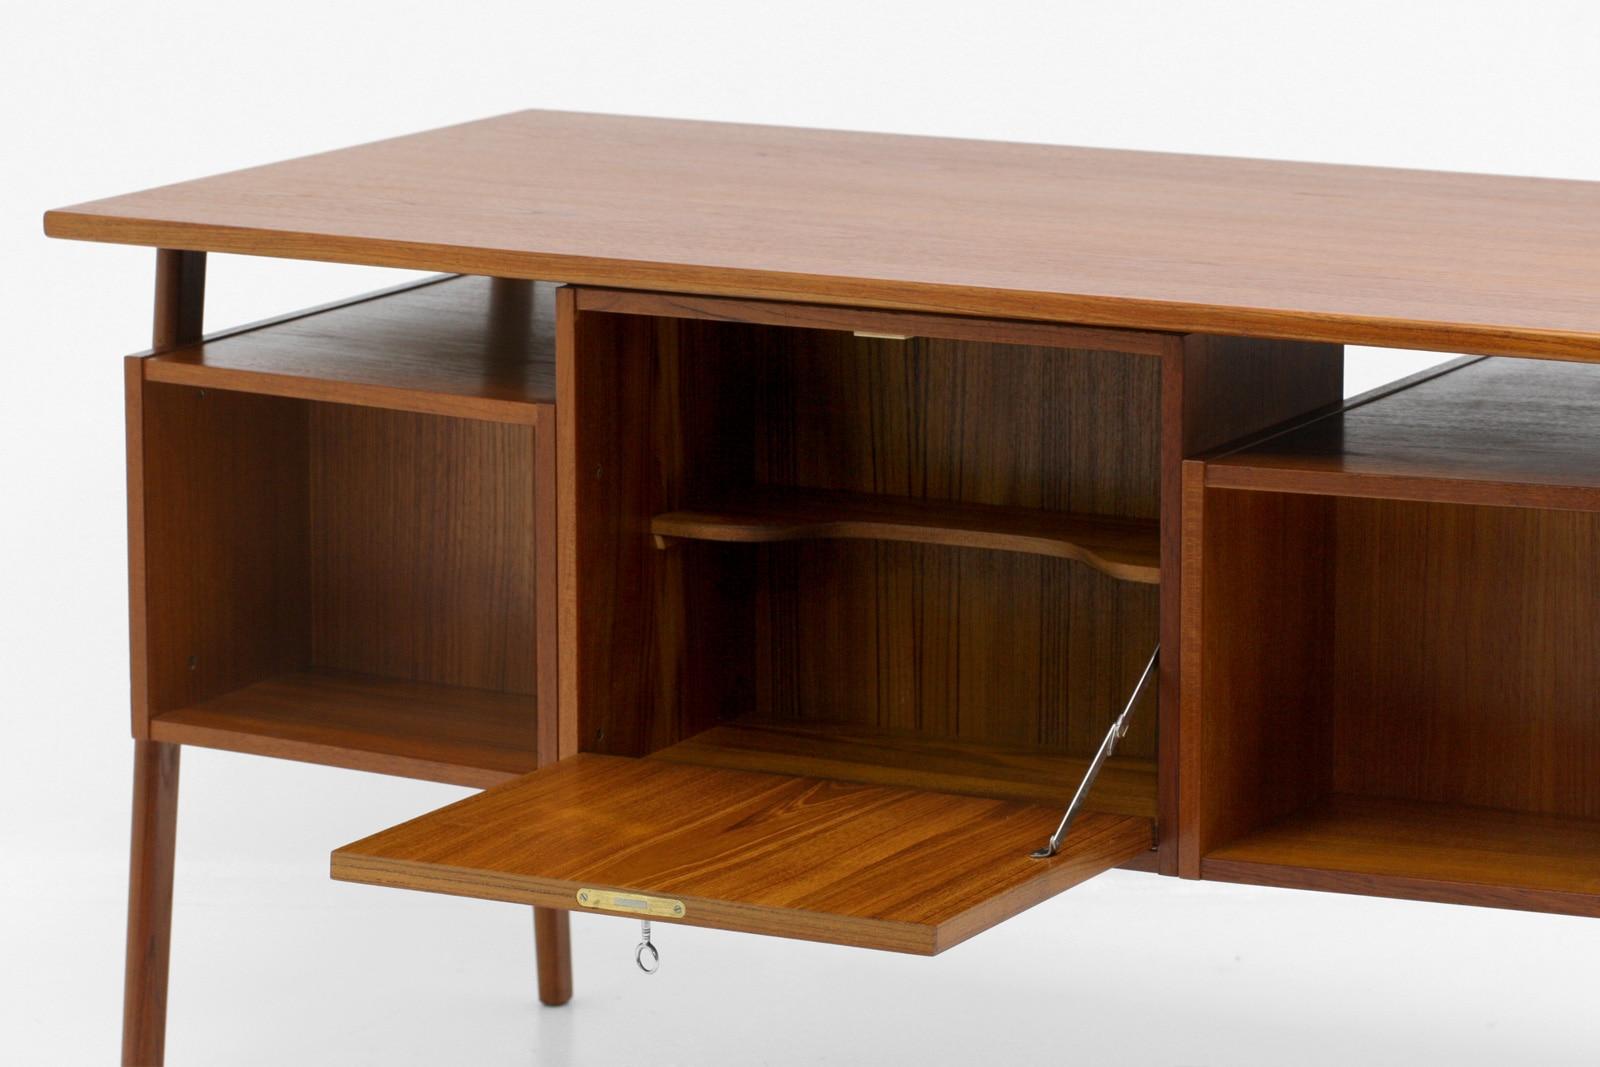 ヴィンテージ,北欧,家具,両袖デスク,デンマーク